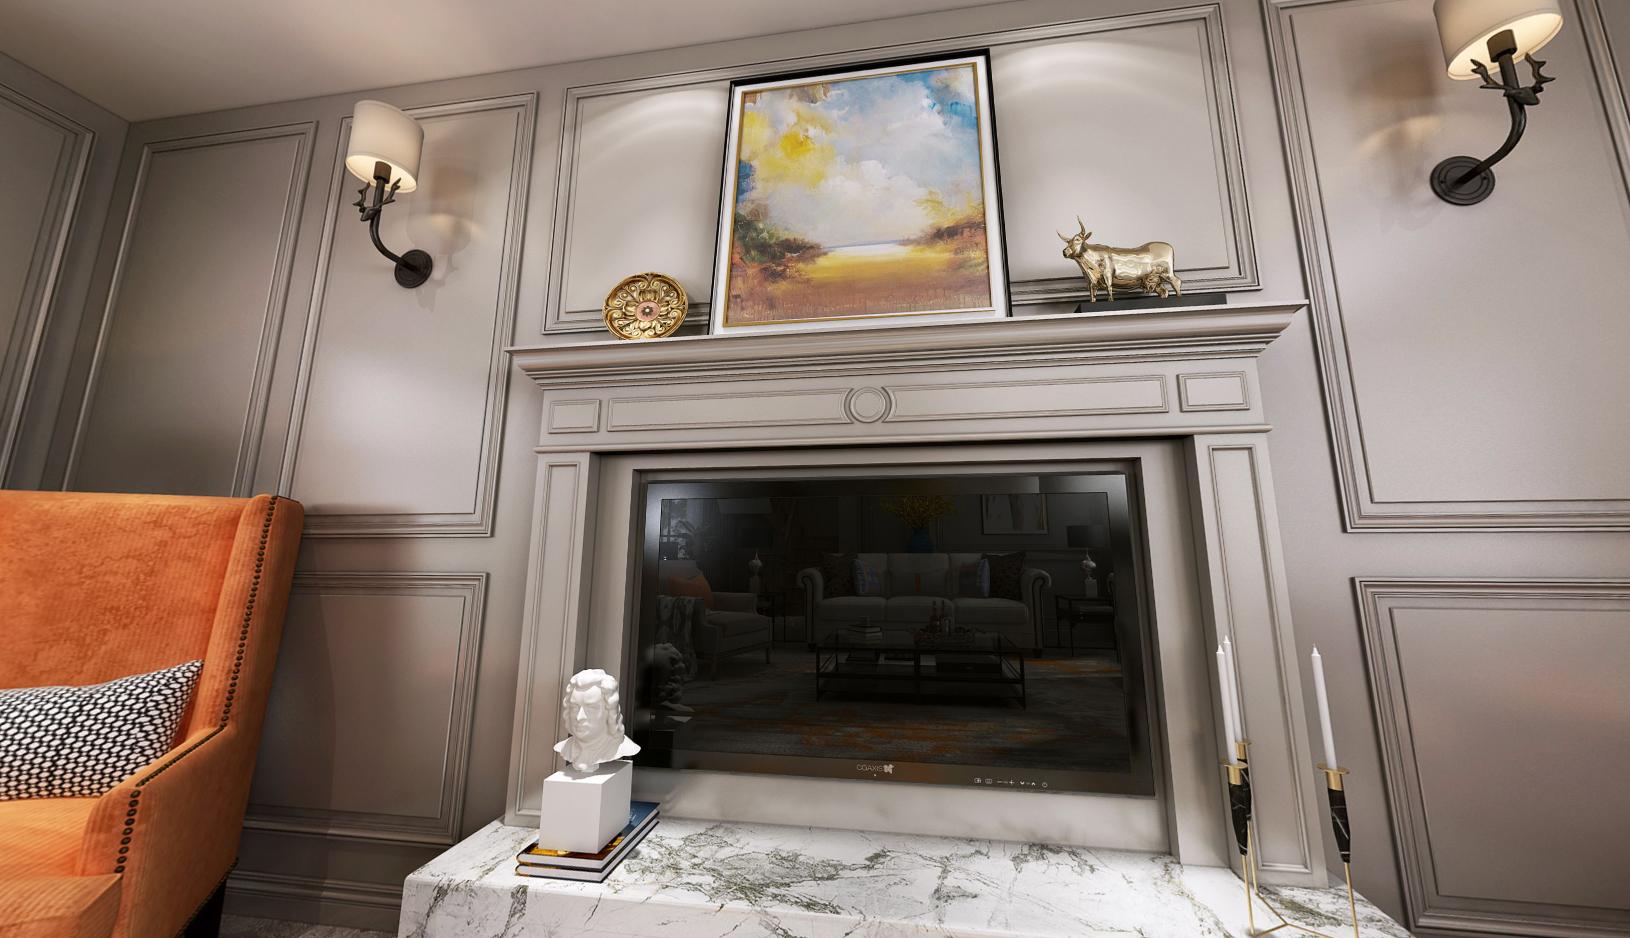 碧云别墅 美式风格 腾龙设计 毛守飞作品 客厅图片来自孔继民在碧云别墅美式联排别墅项目设计的分享